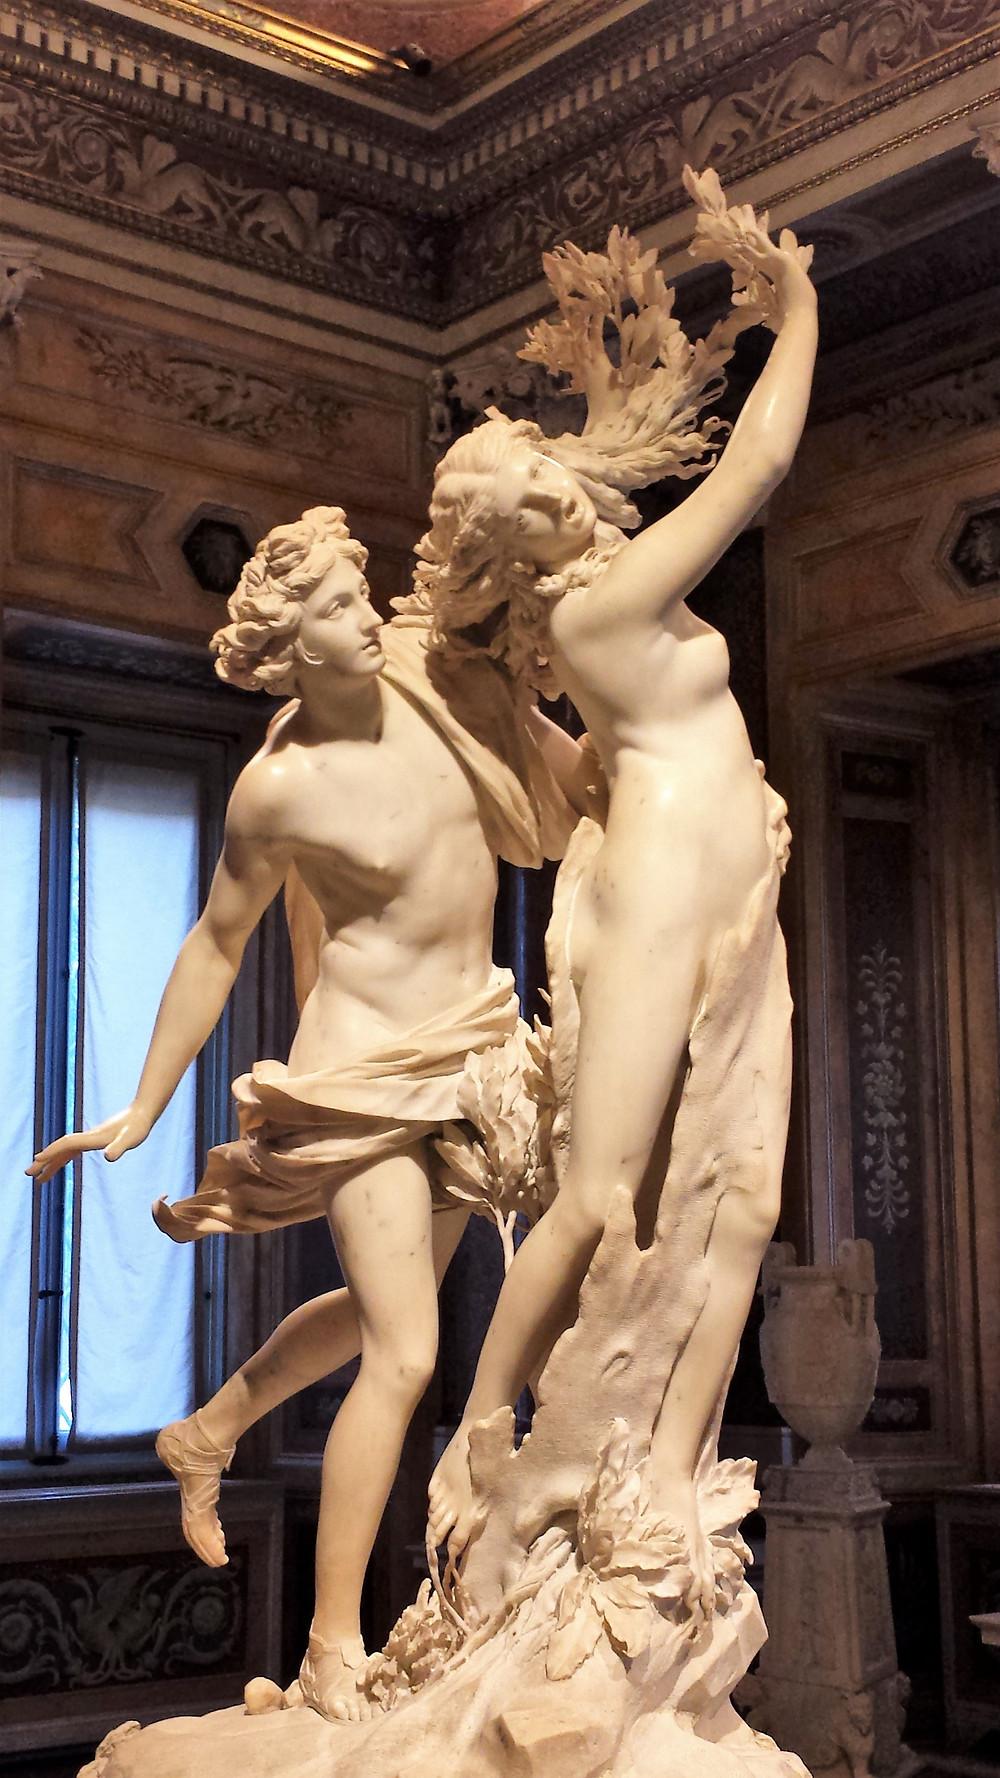 escultura de Bernini na galleria borghese